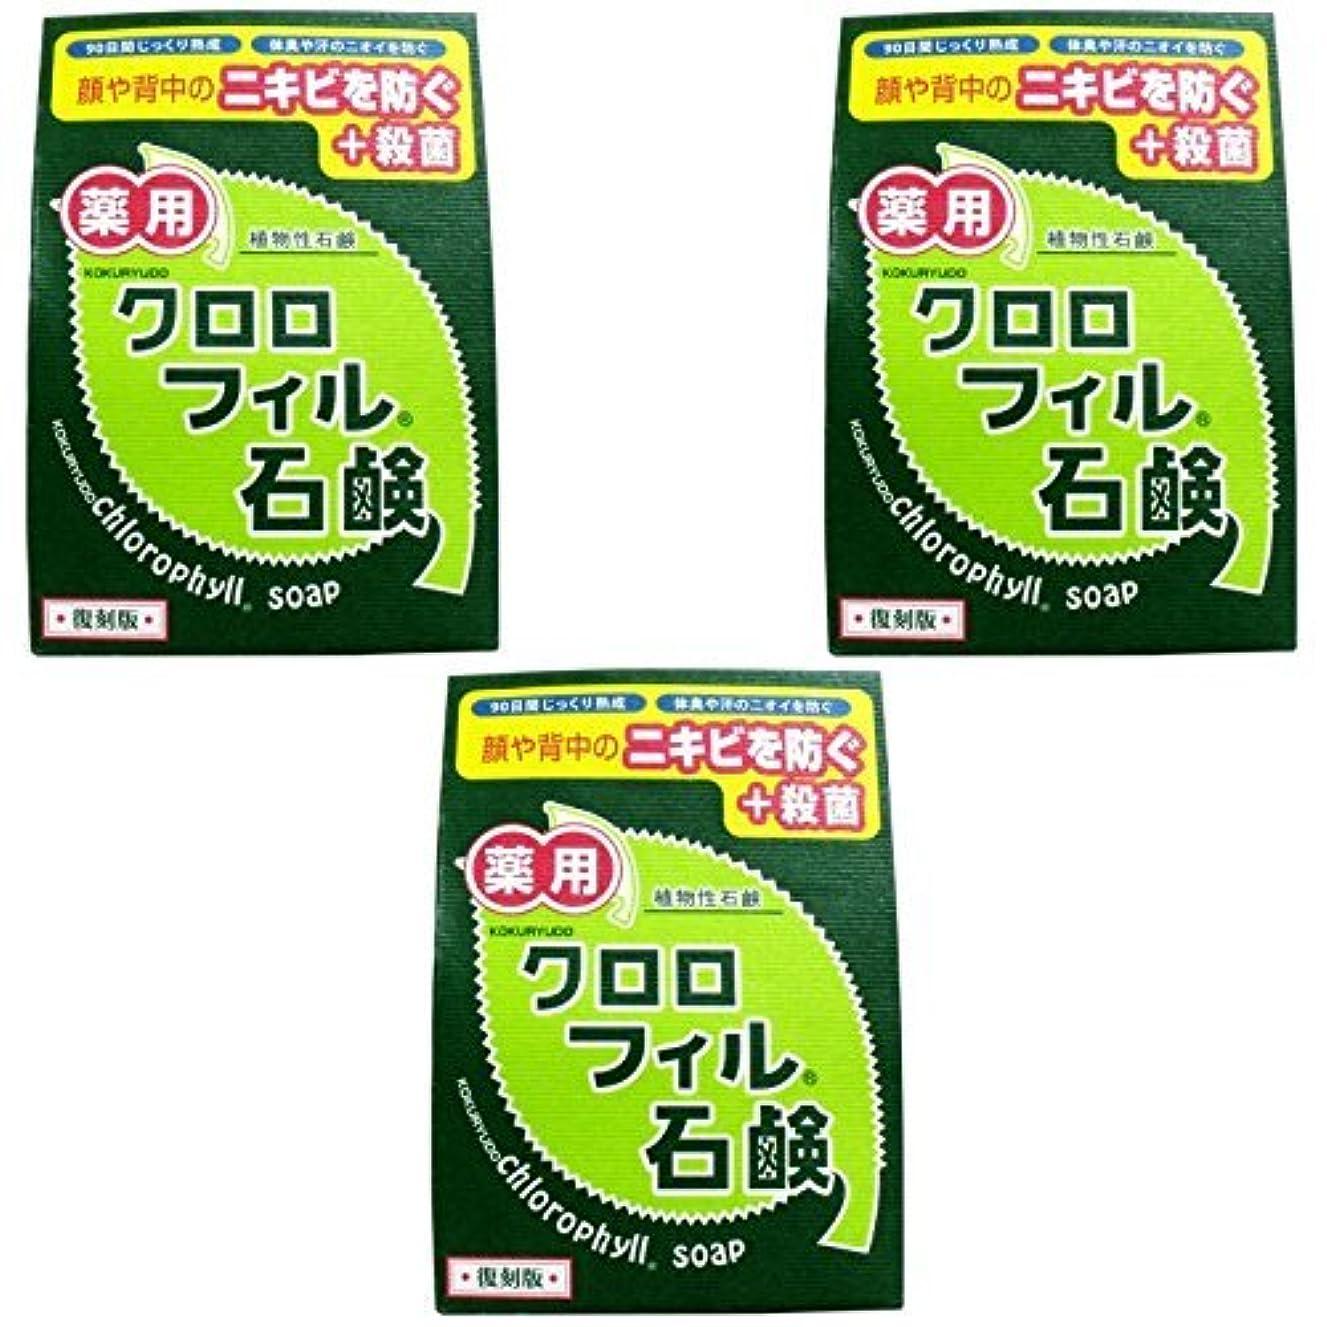 ビン苦行うめき声【まとめ買い】クロロフィル石鹸 復刻版 85g (医薬部外品)【×3個】